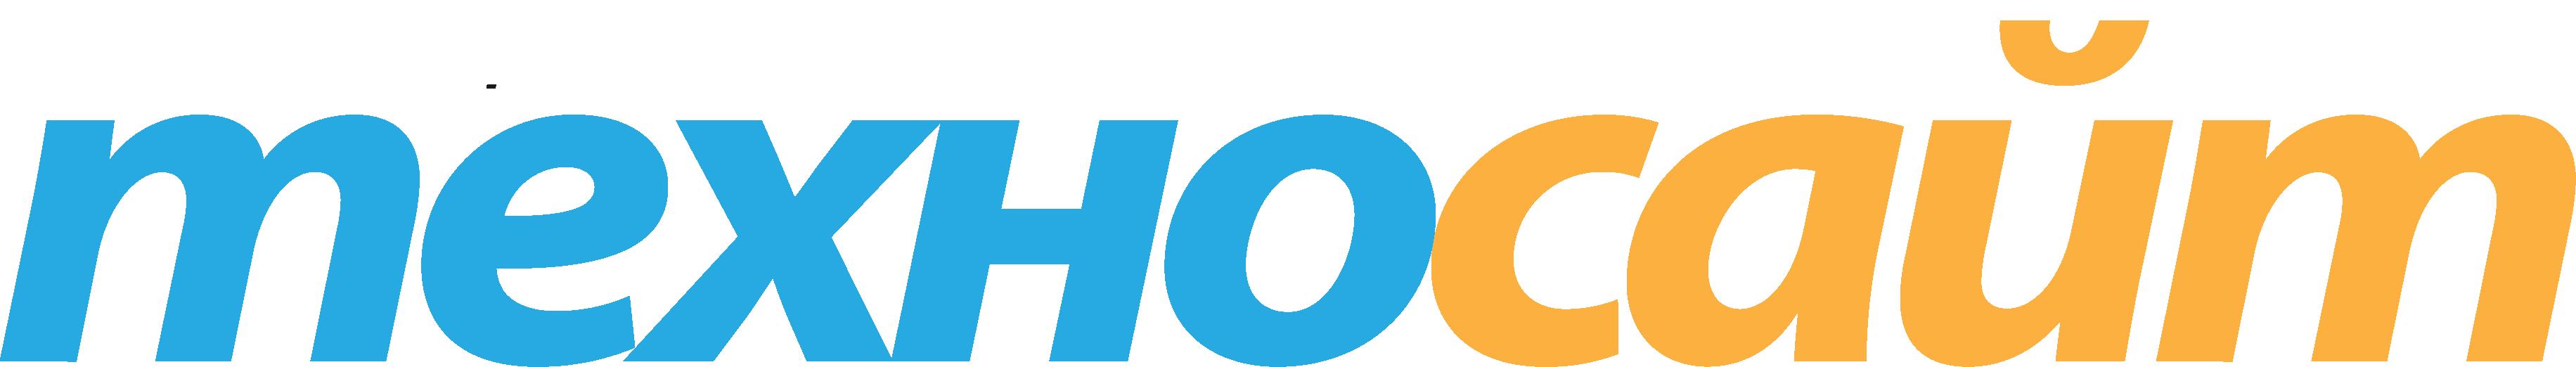 Техносайт — интернет-магазин бытовой техники Одесса